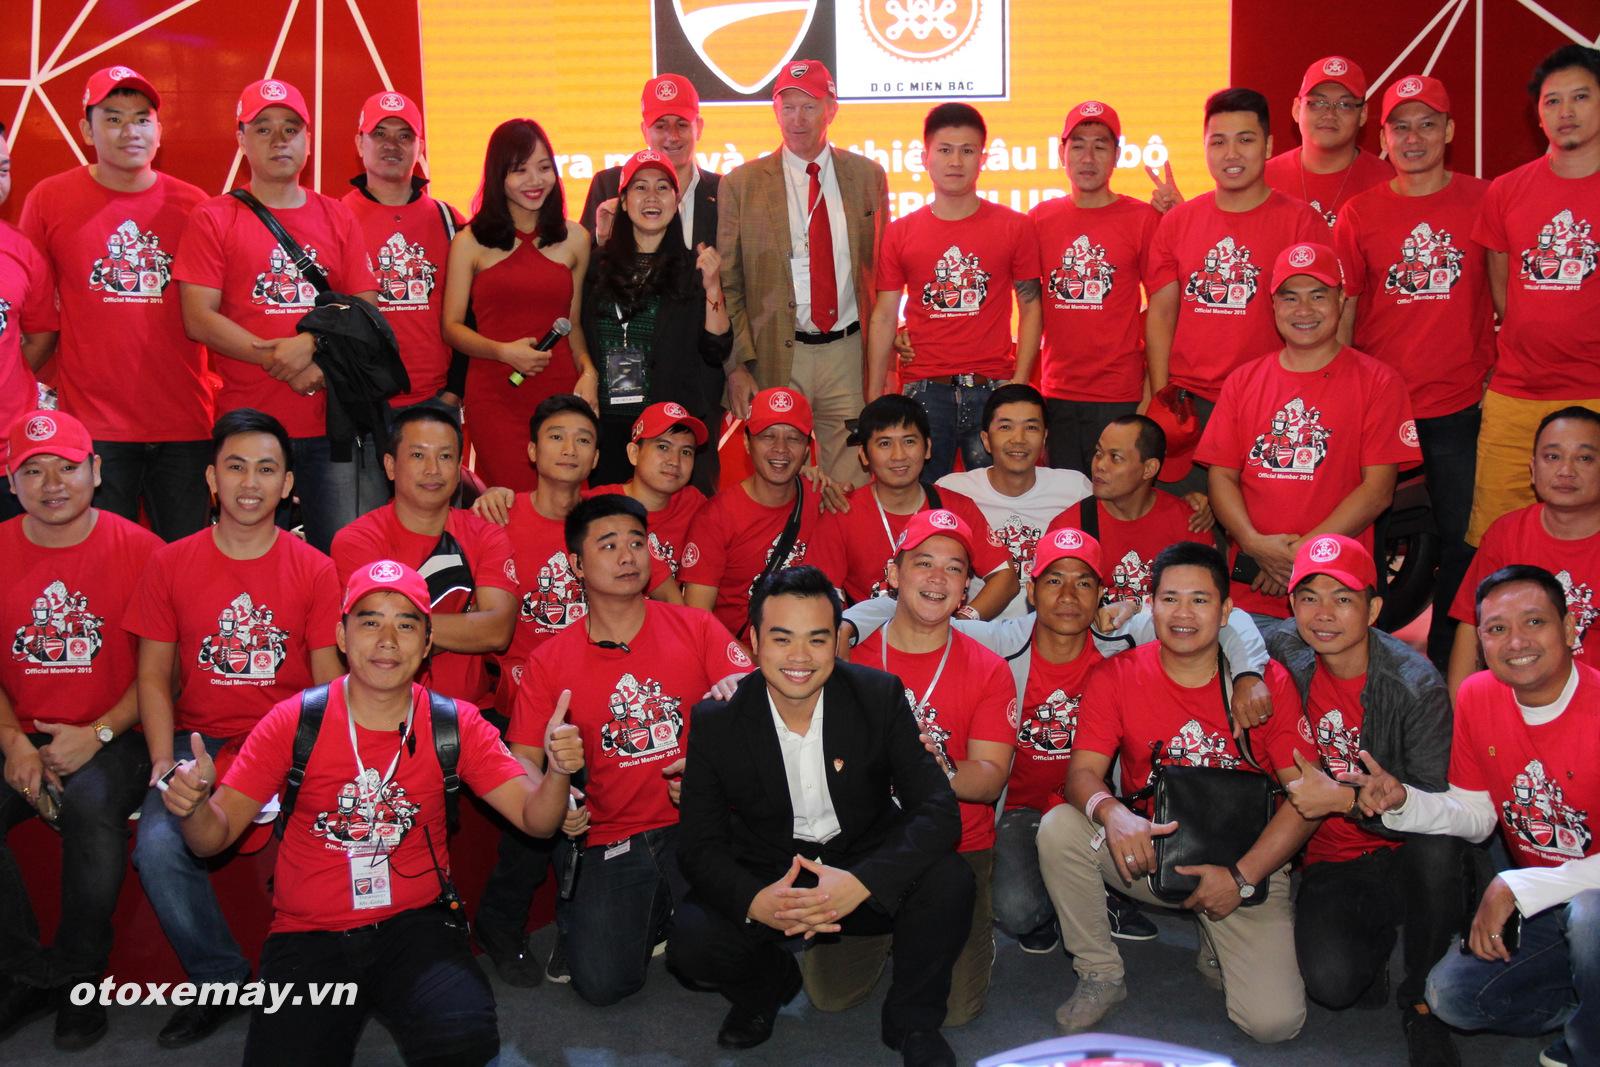 DOC Mien Bac chinh thuc nhap hoi Ducatisti the gioi - 11